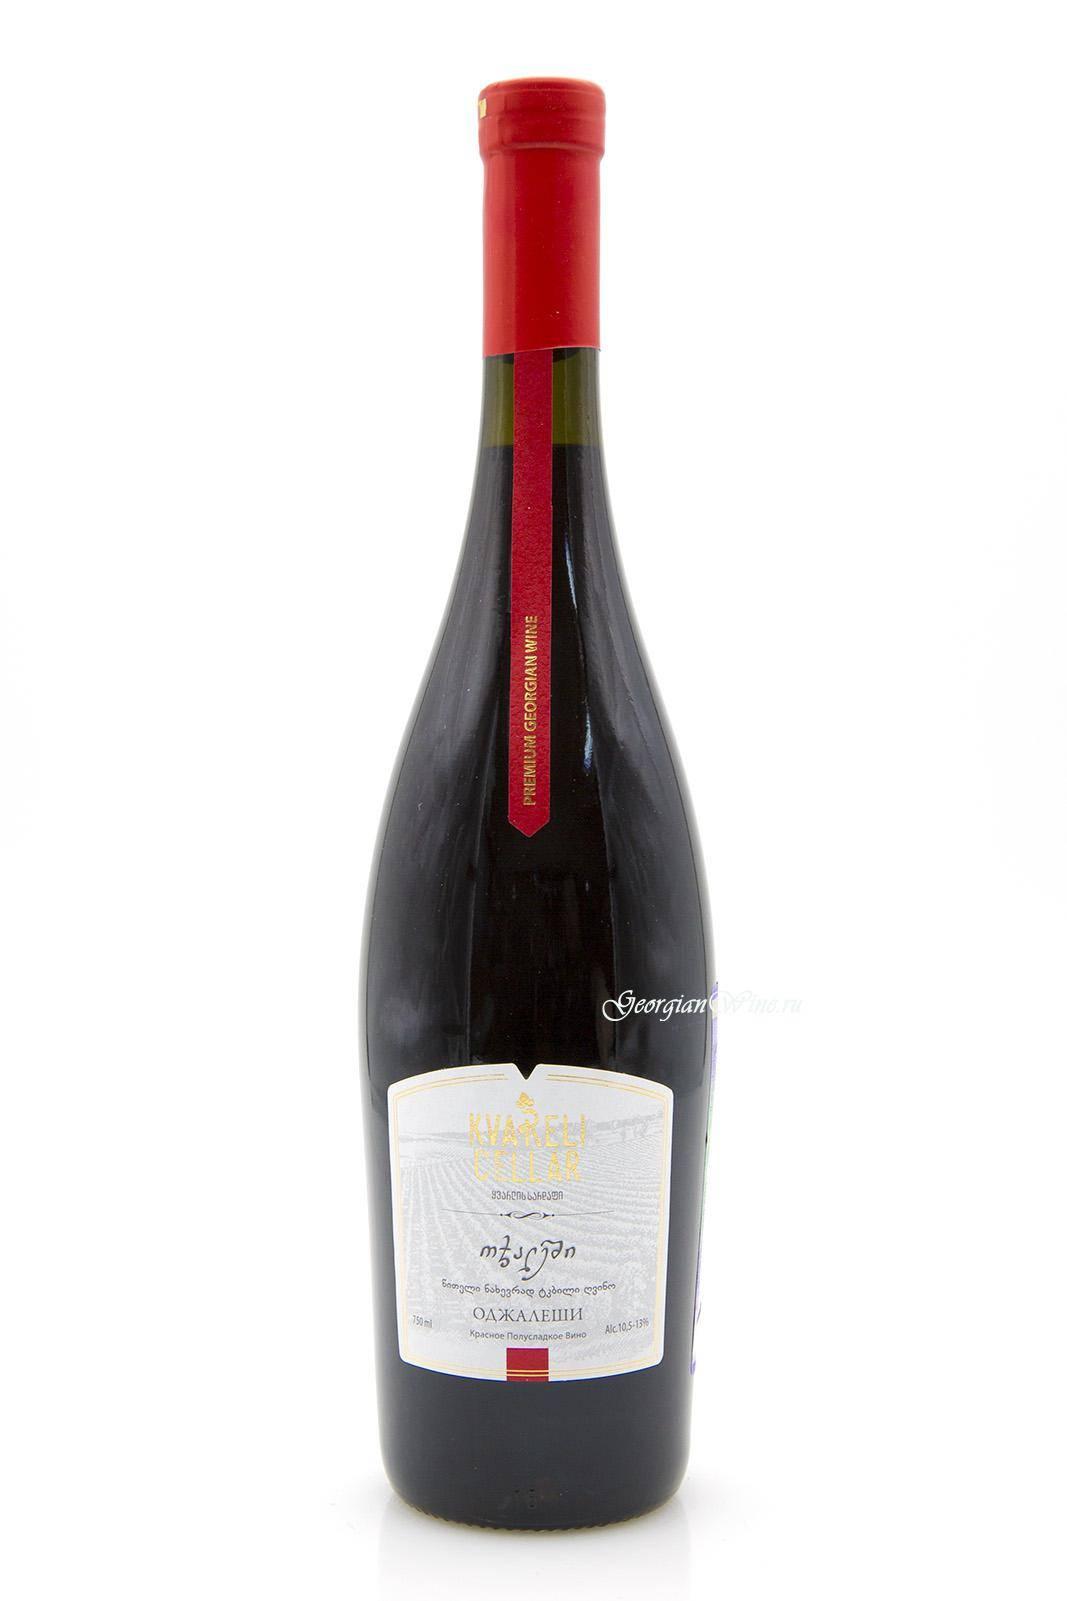 Как выбрать грузинское вино: советы от сомелье